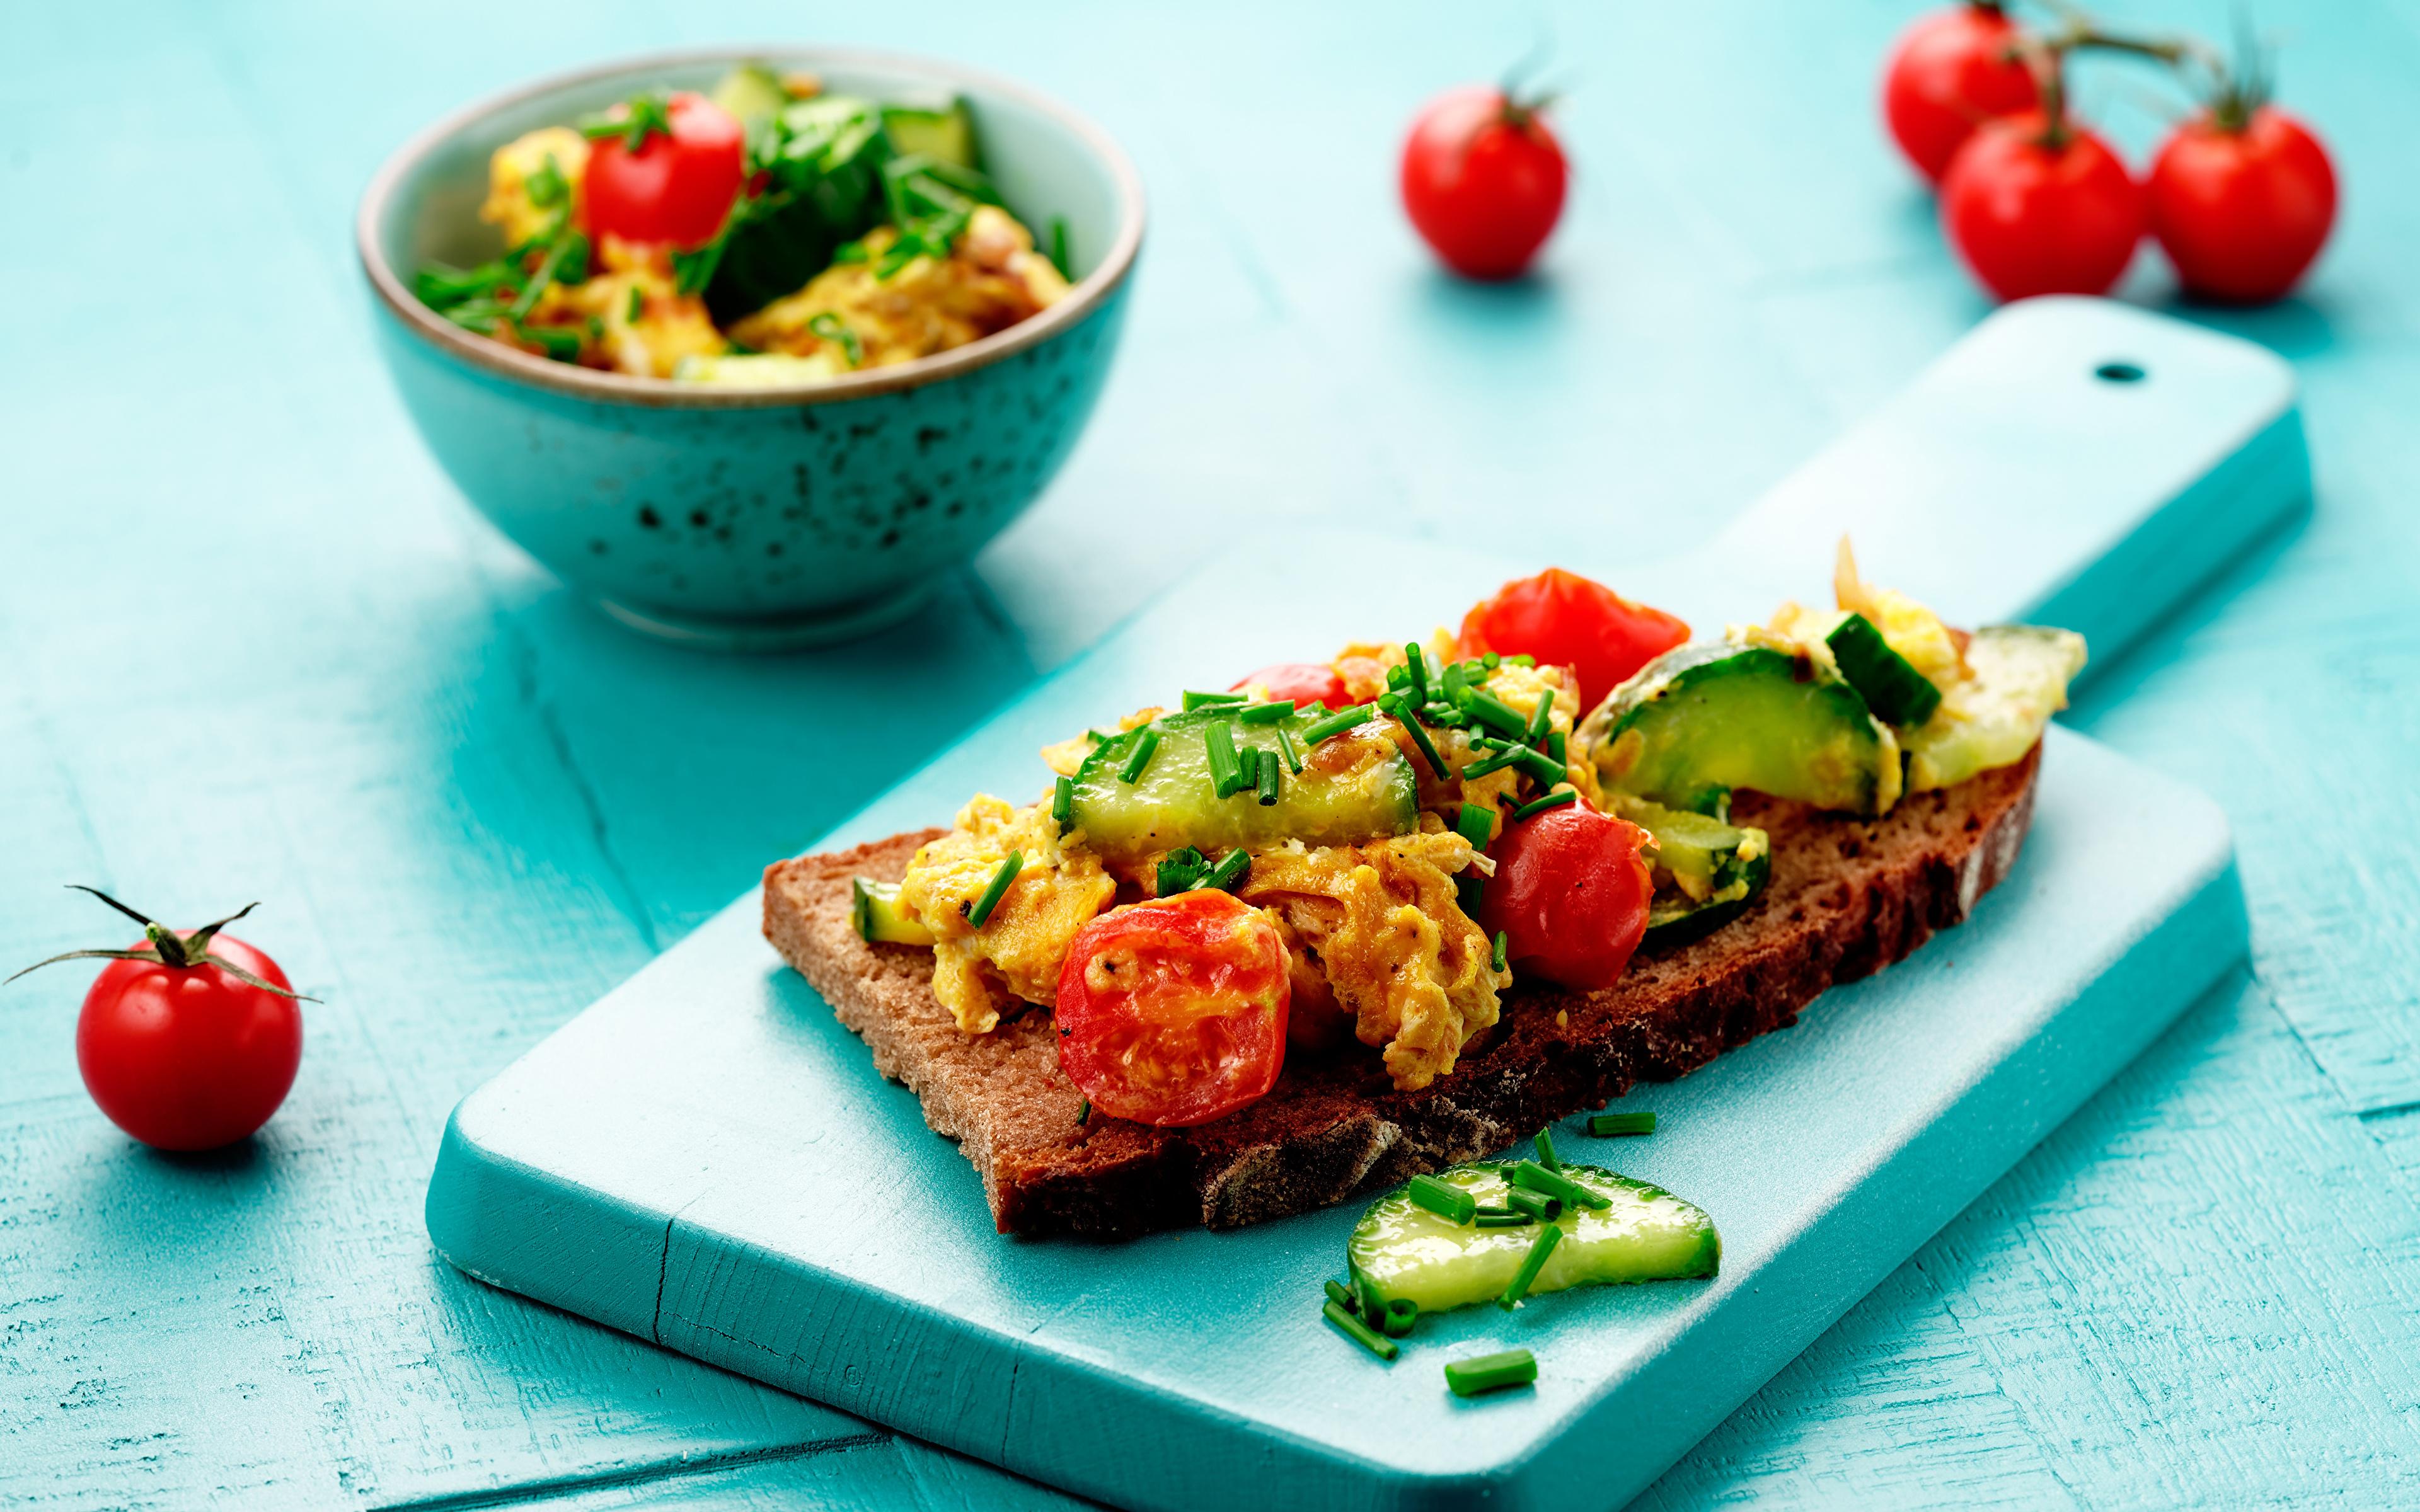 Фото Помидоры Бутерброды Еда Овощи разделочной доске 3840x2400 Томаты бутерброд Пища Продукты питания Разделочная доска